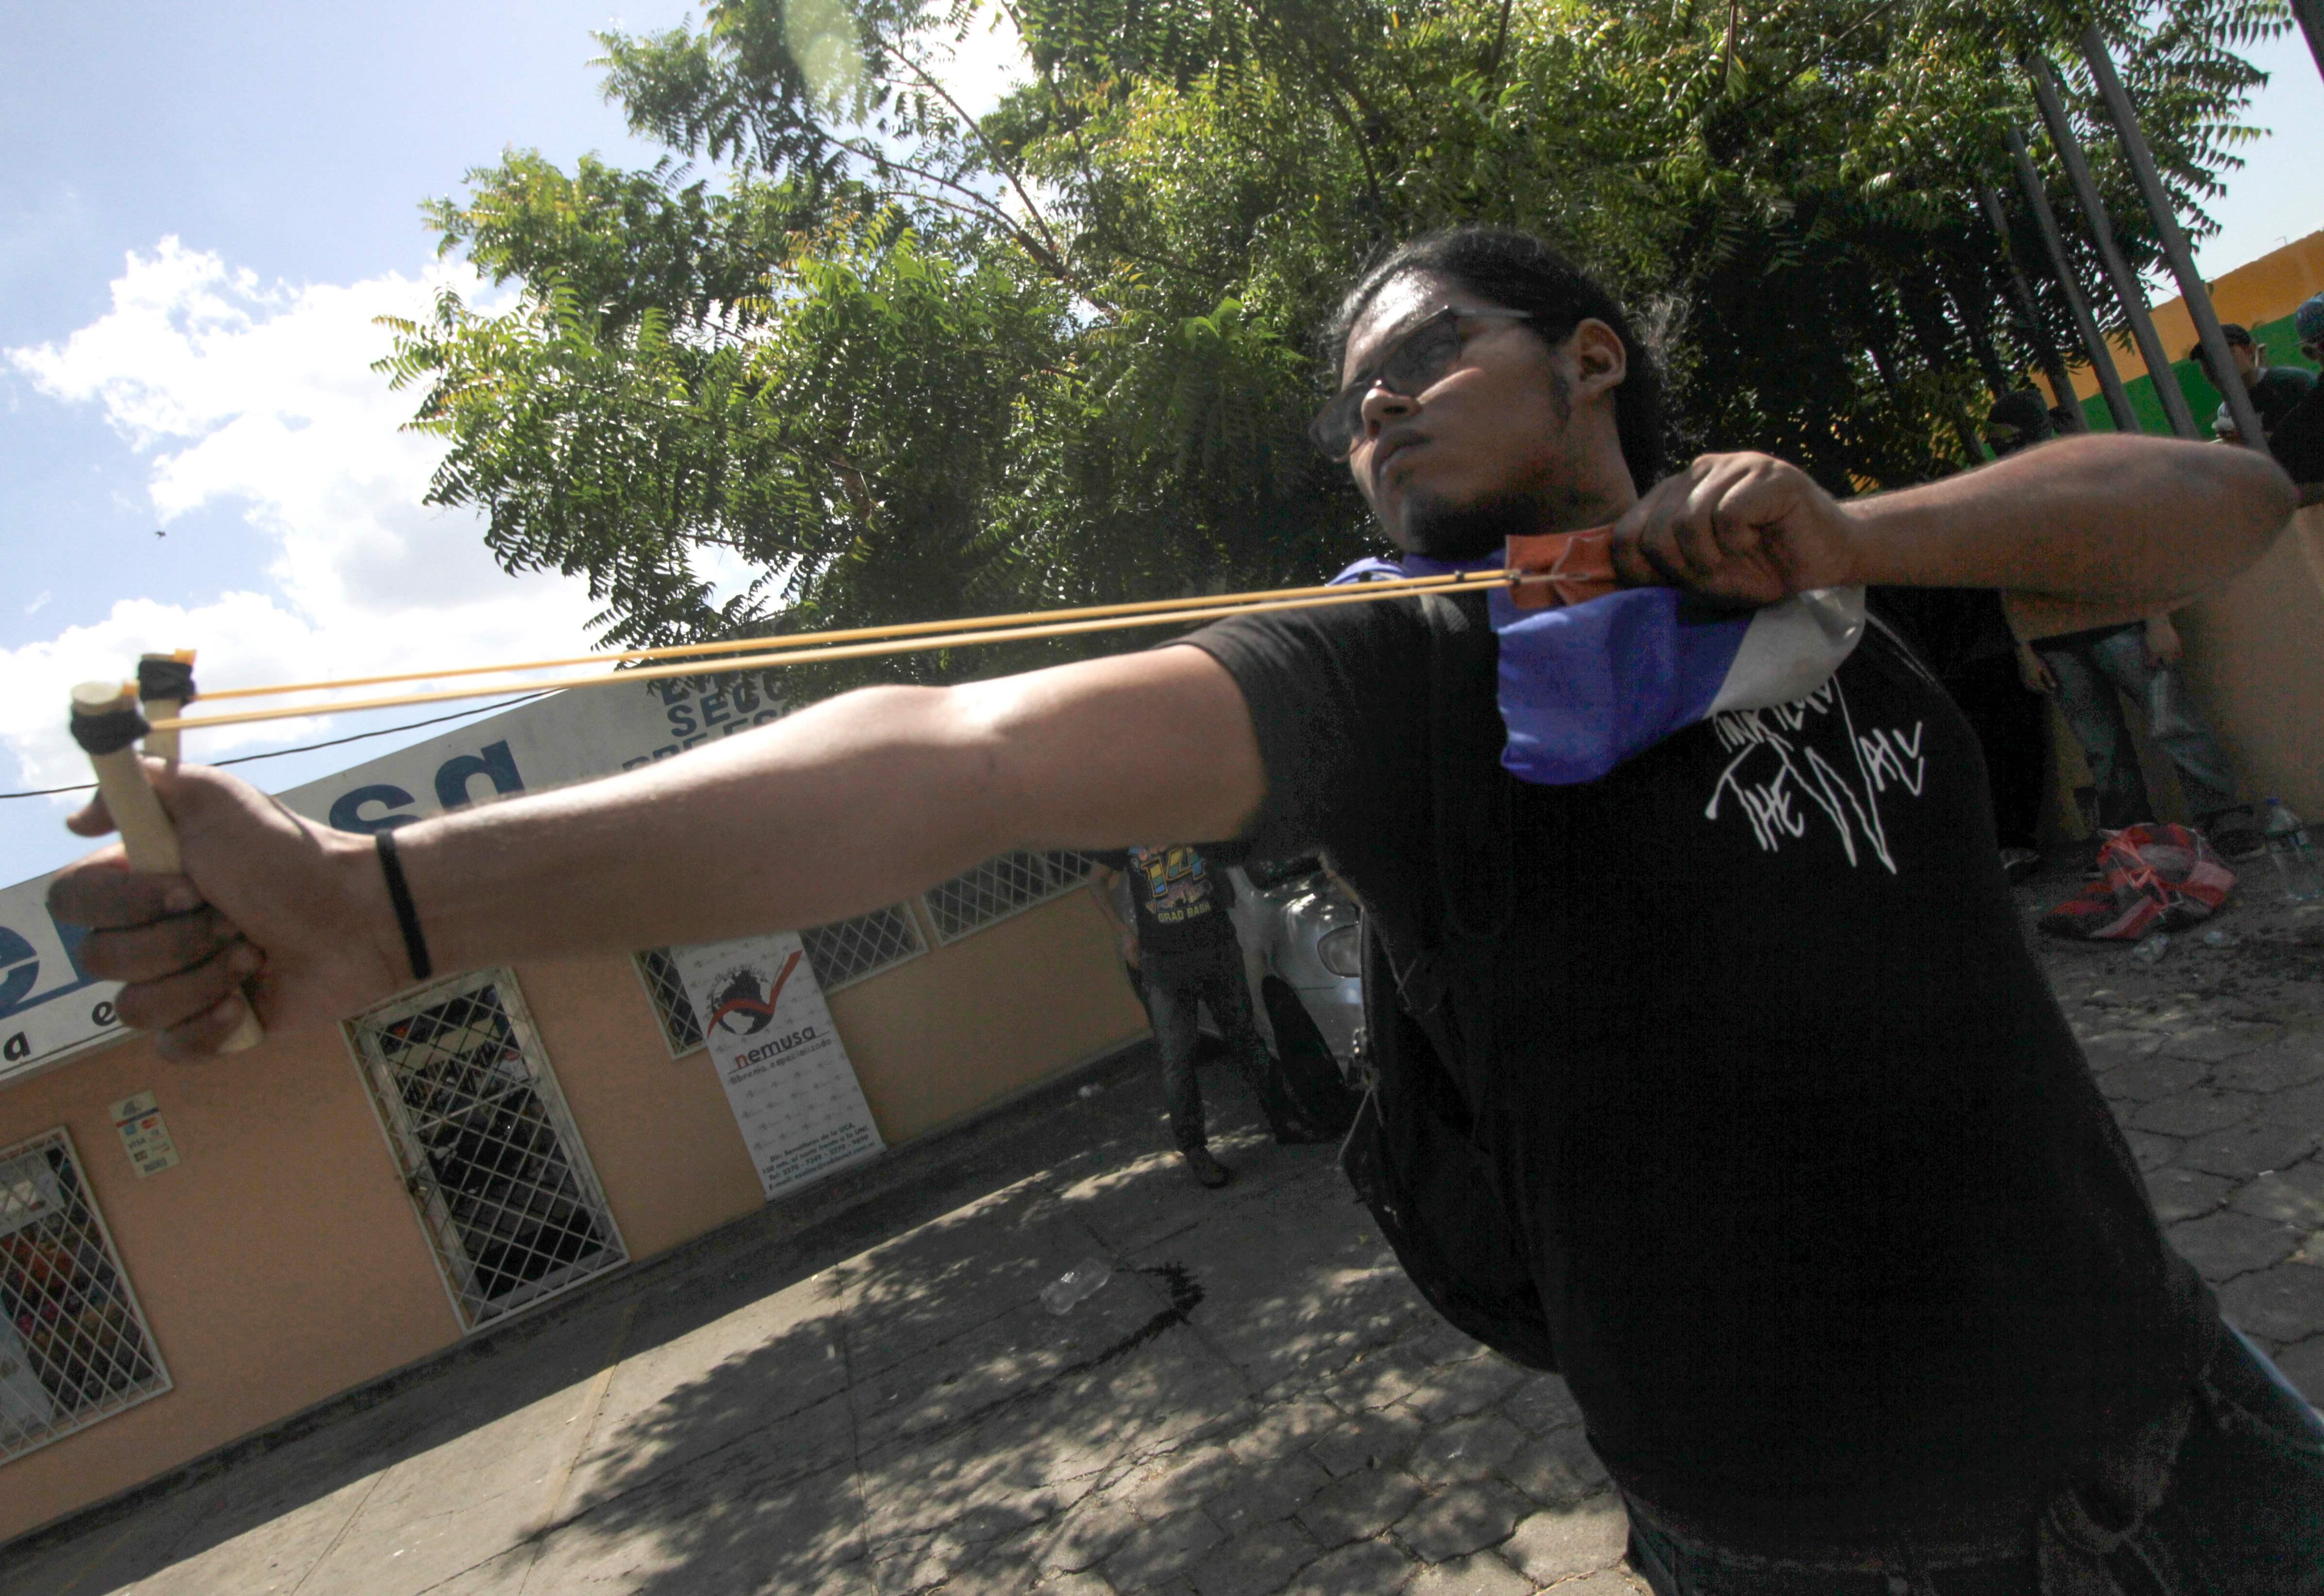 أحد الطلاب يقصف الشرطة بالنبلة